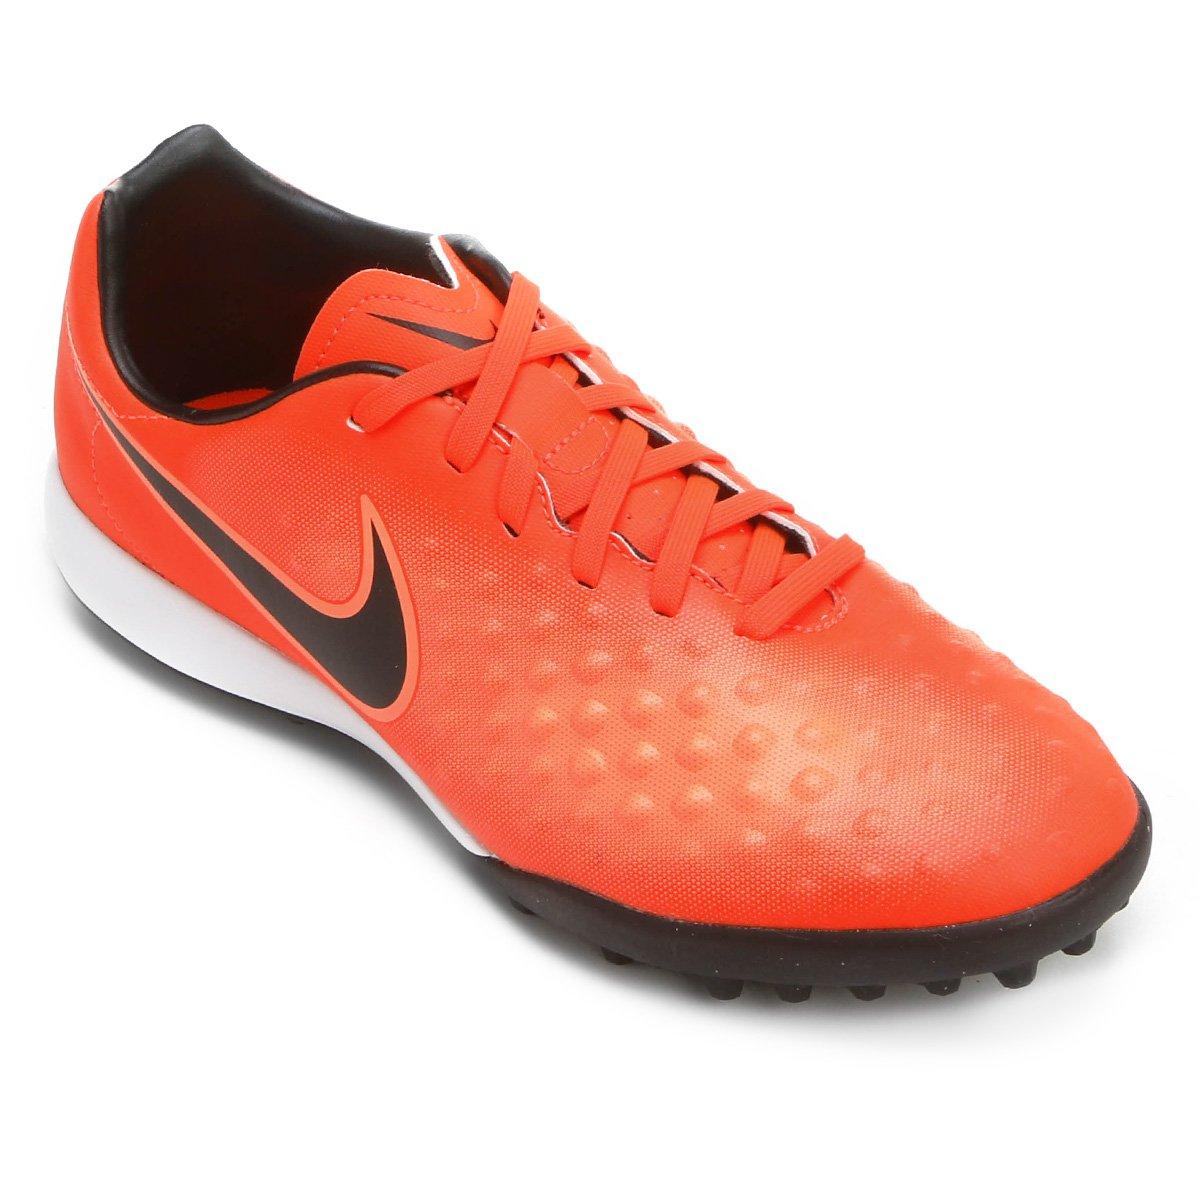 6f9d651486 Chuteira Society Nike Magista Onda II TF - Vermelho e Preto - Compre ...